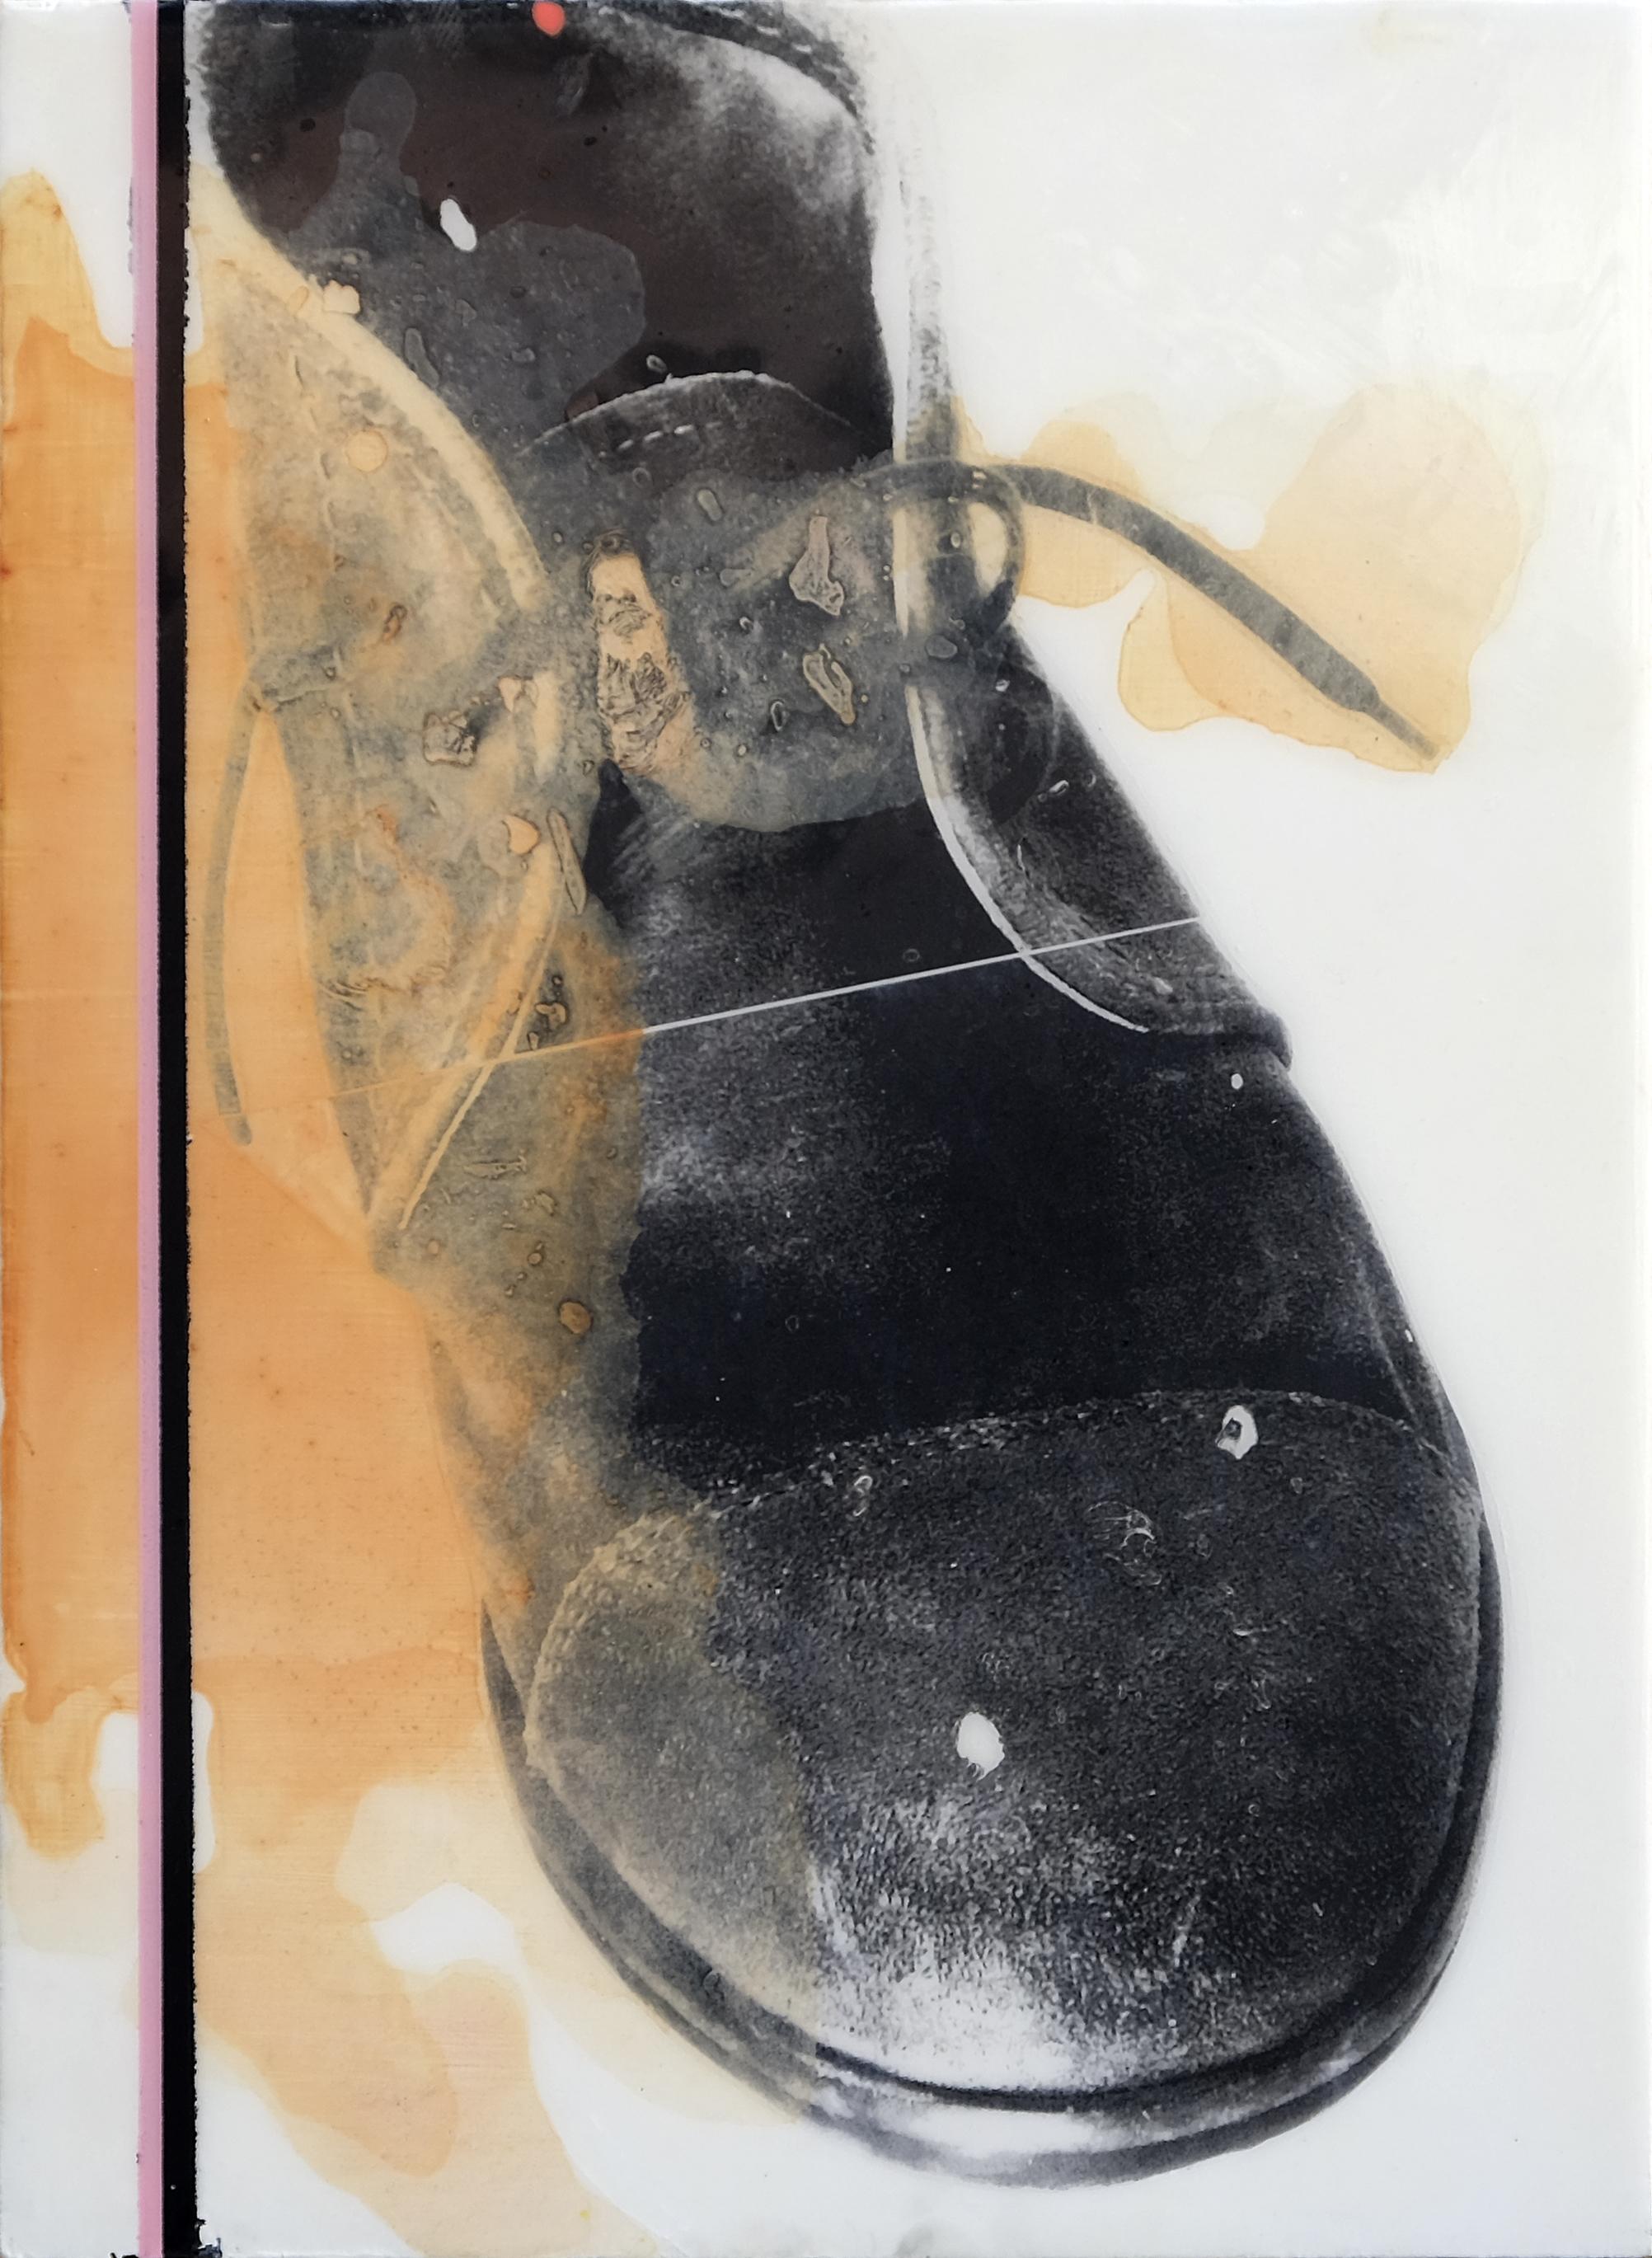 ROSA I NEGRE. Técnica mixta sobre tabla. 51,5 x 37,5 cm. 2017